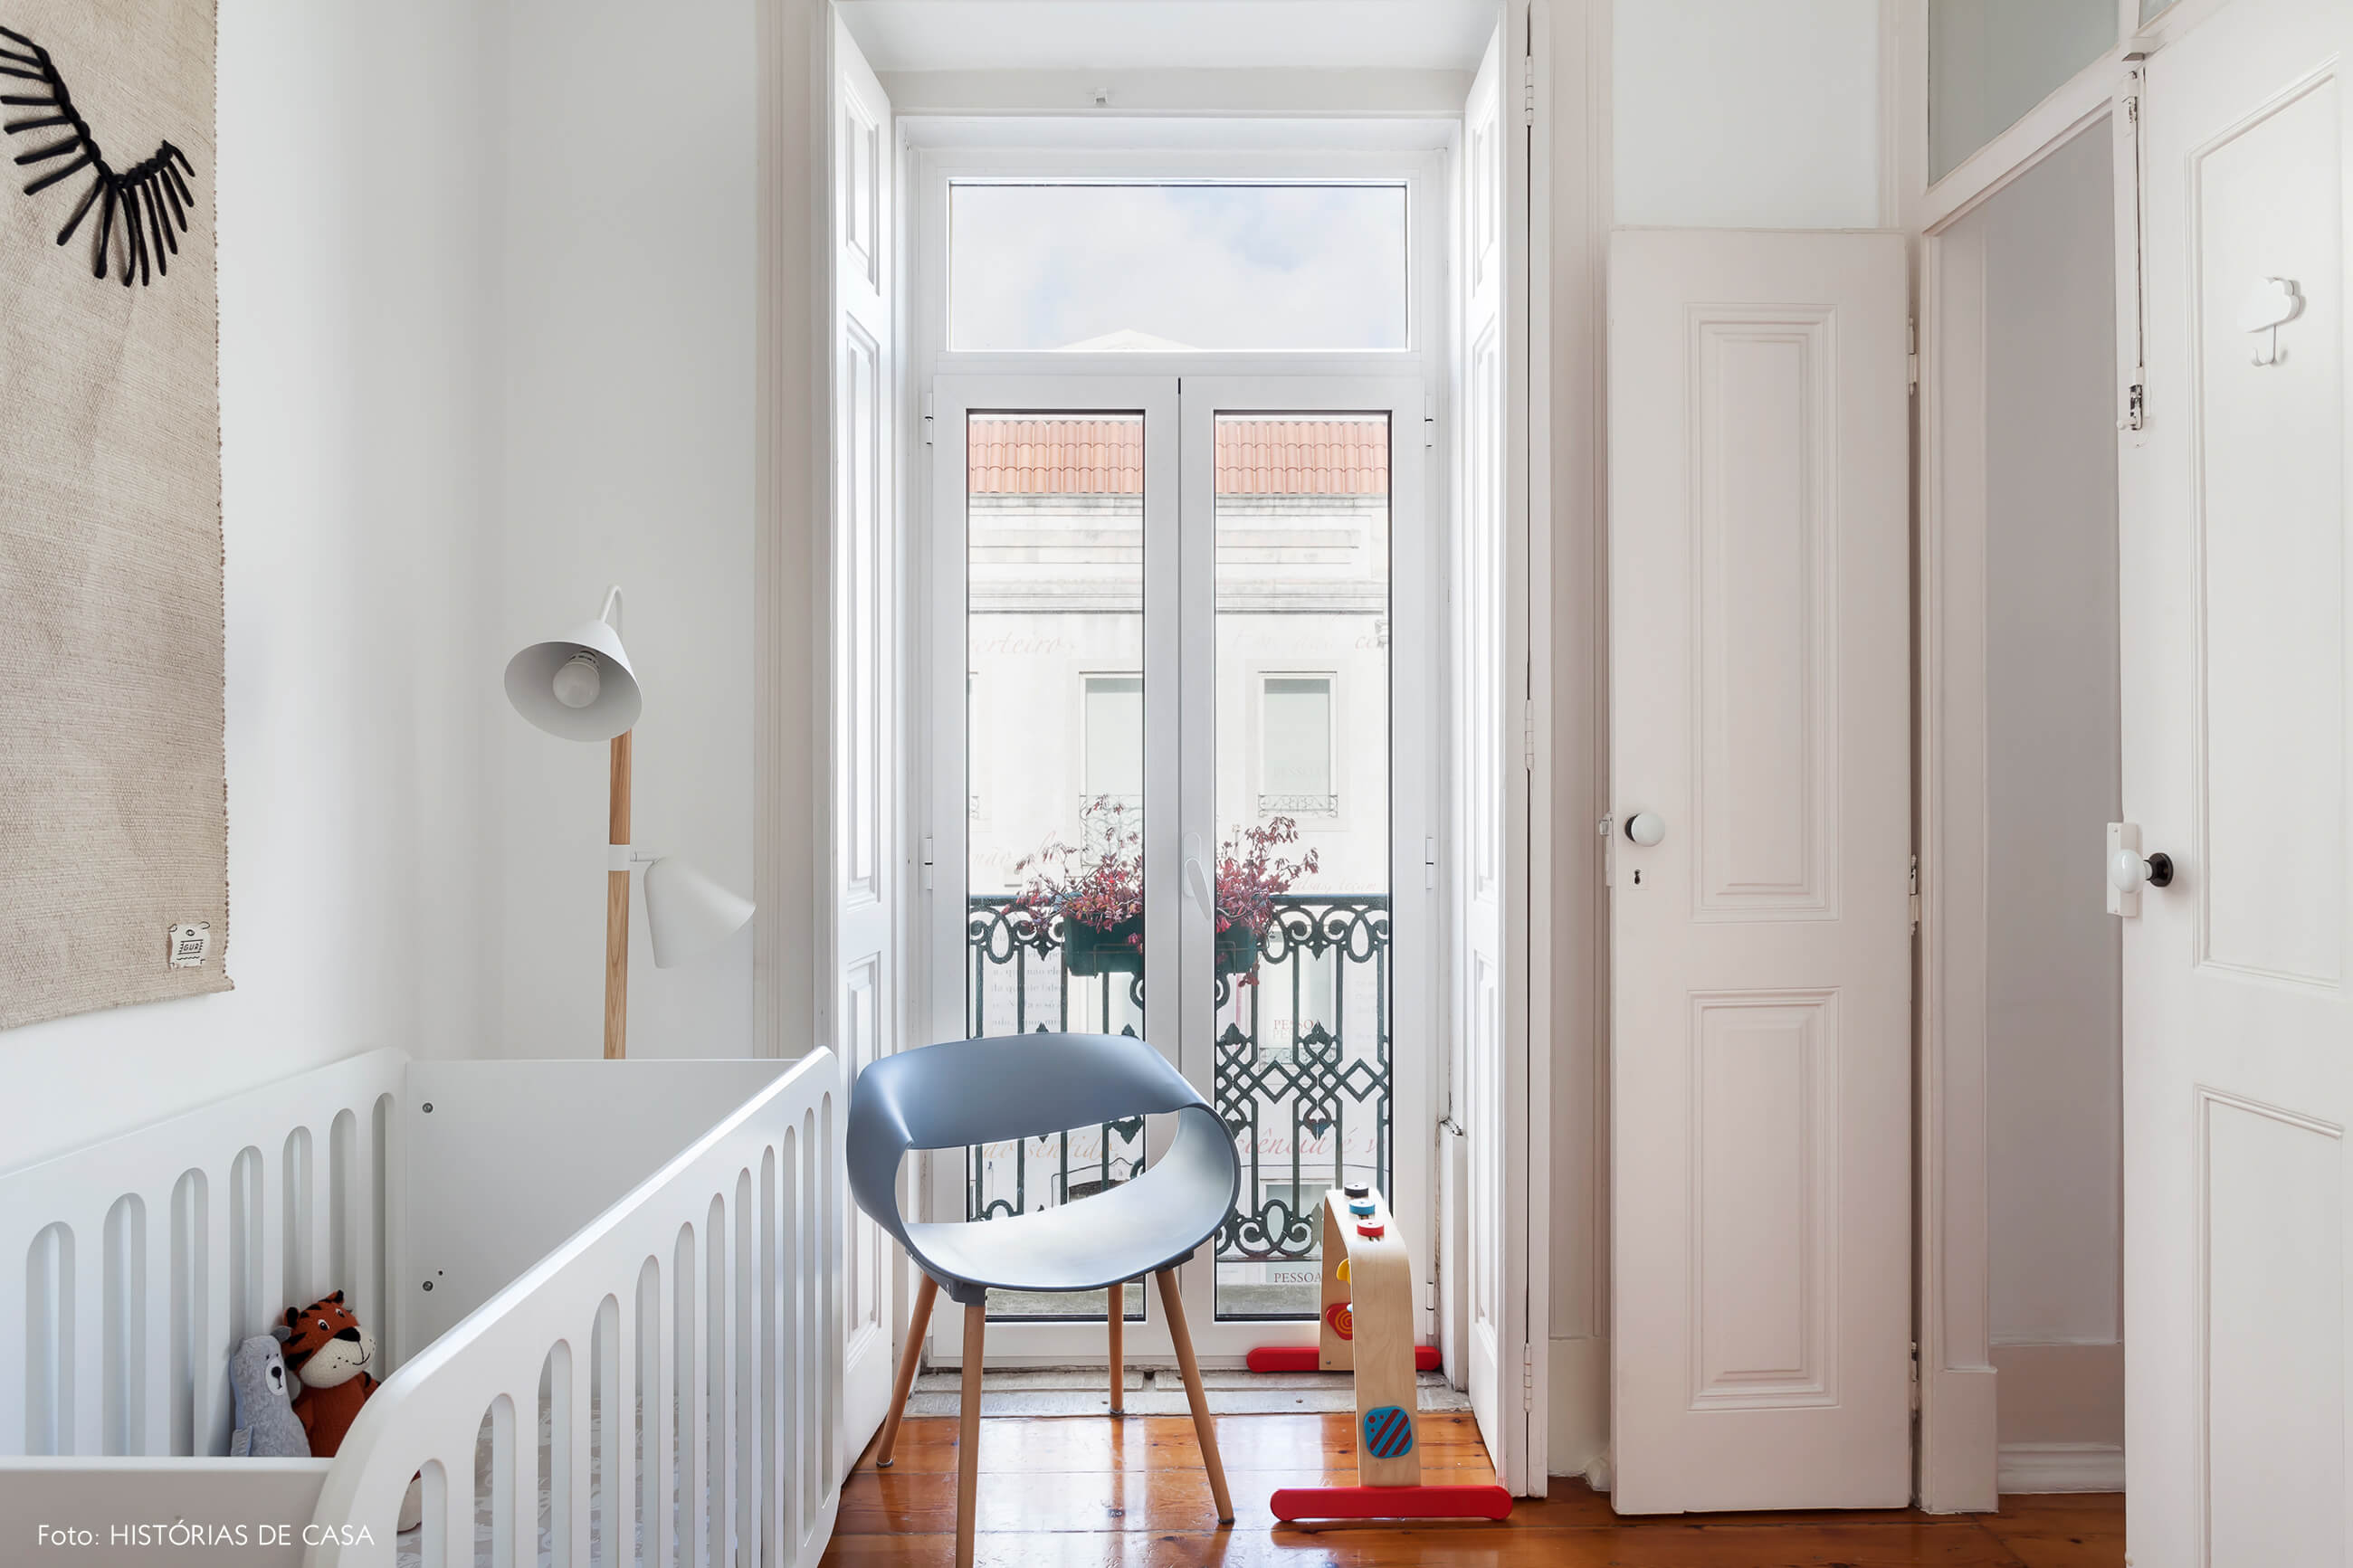 Quarto de bebê em um apartamento em Portugal